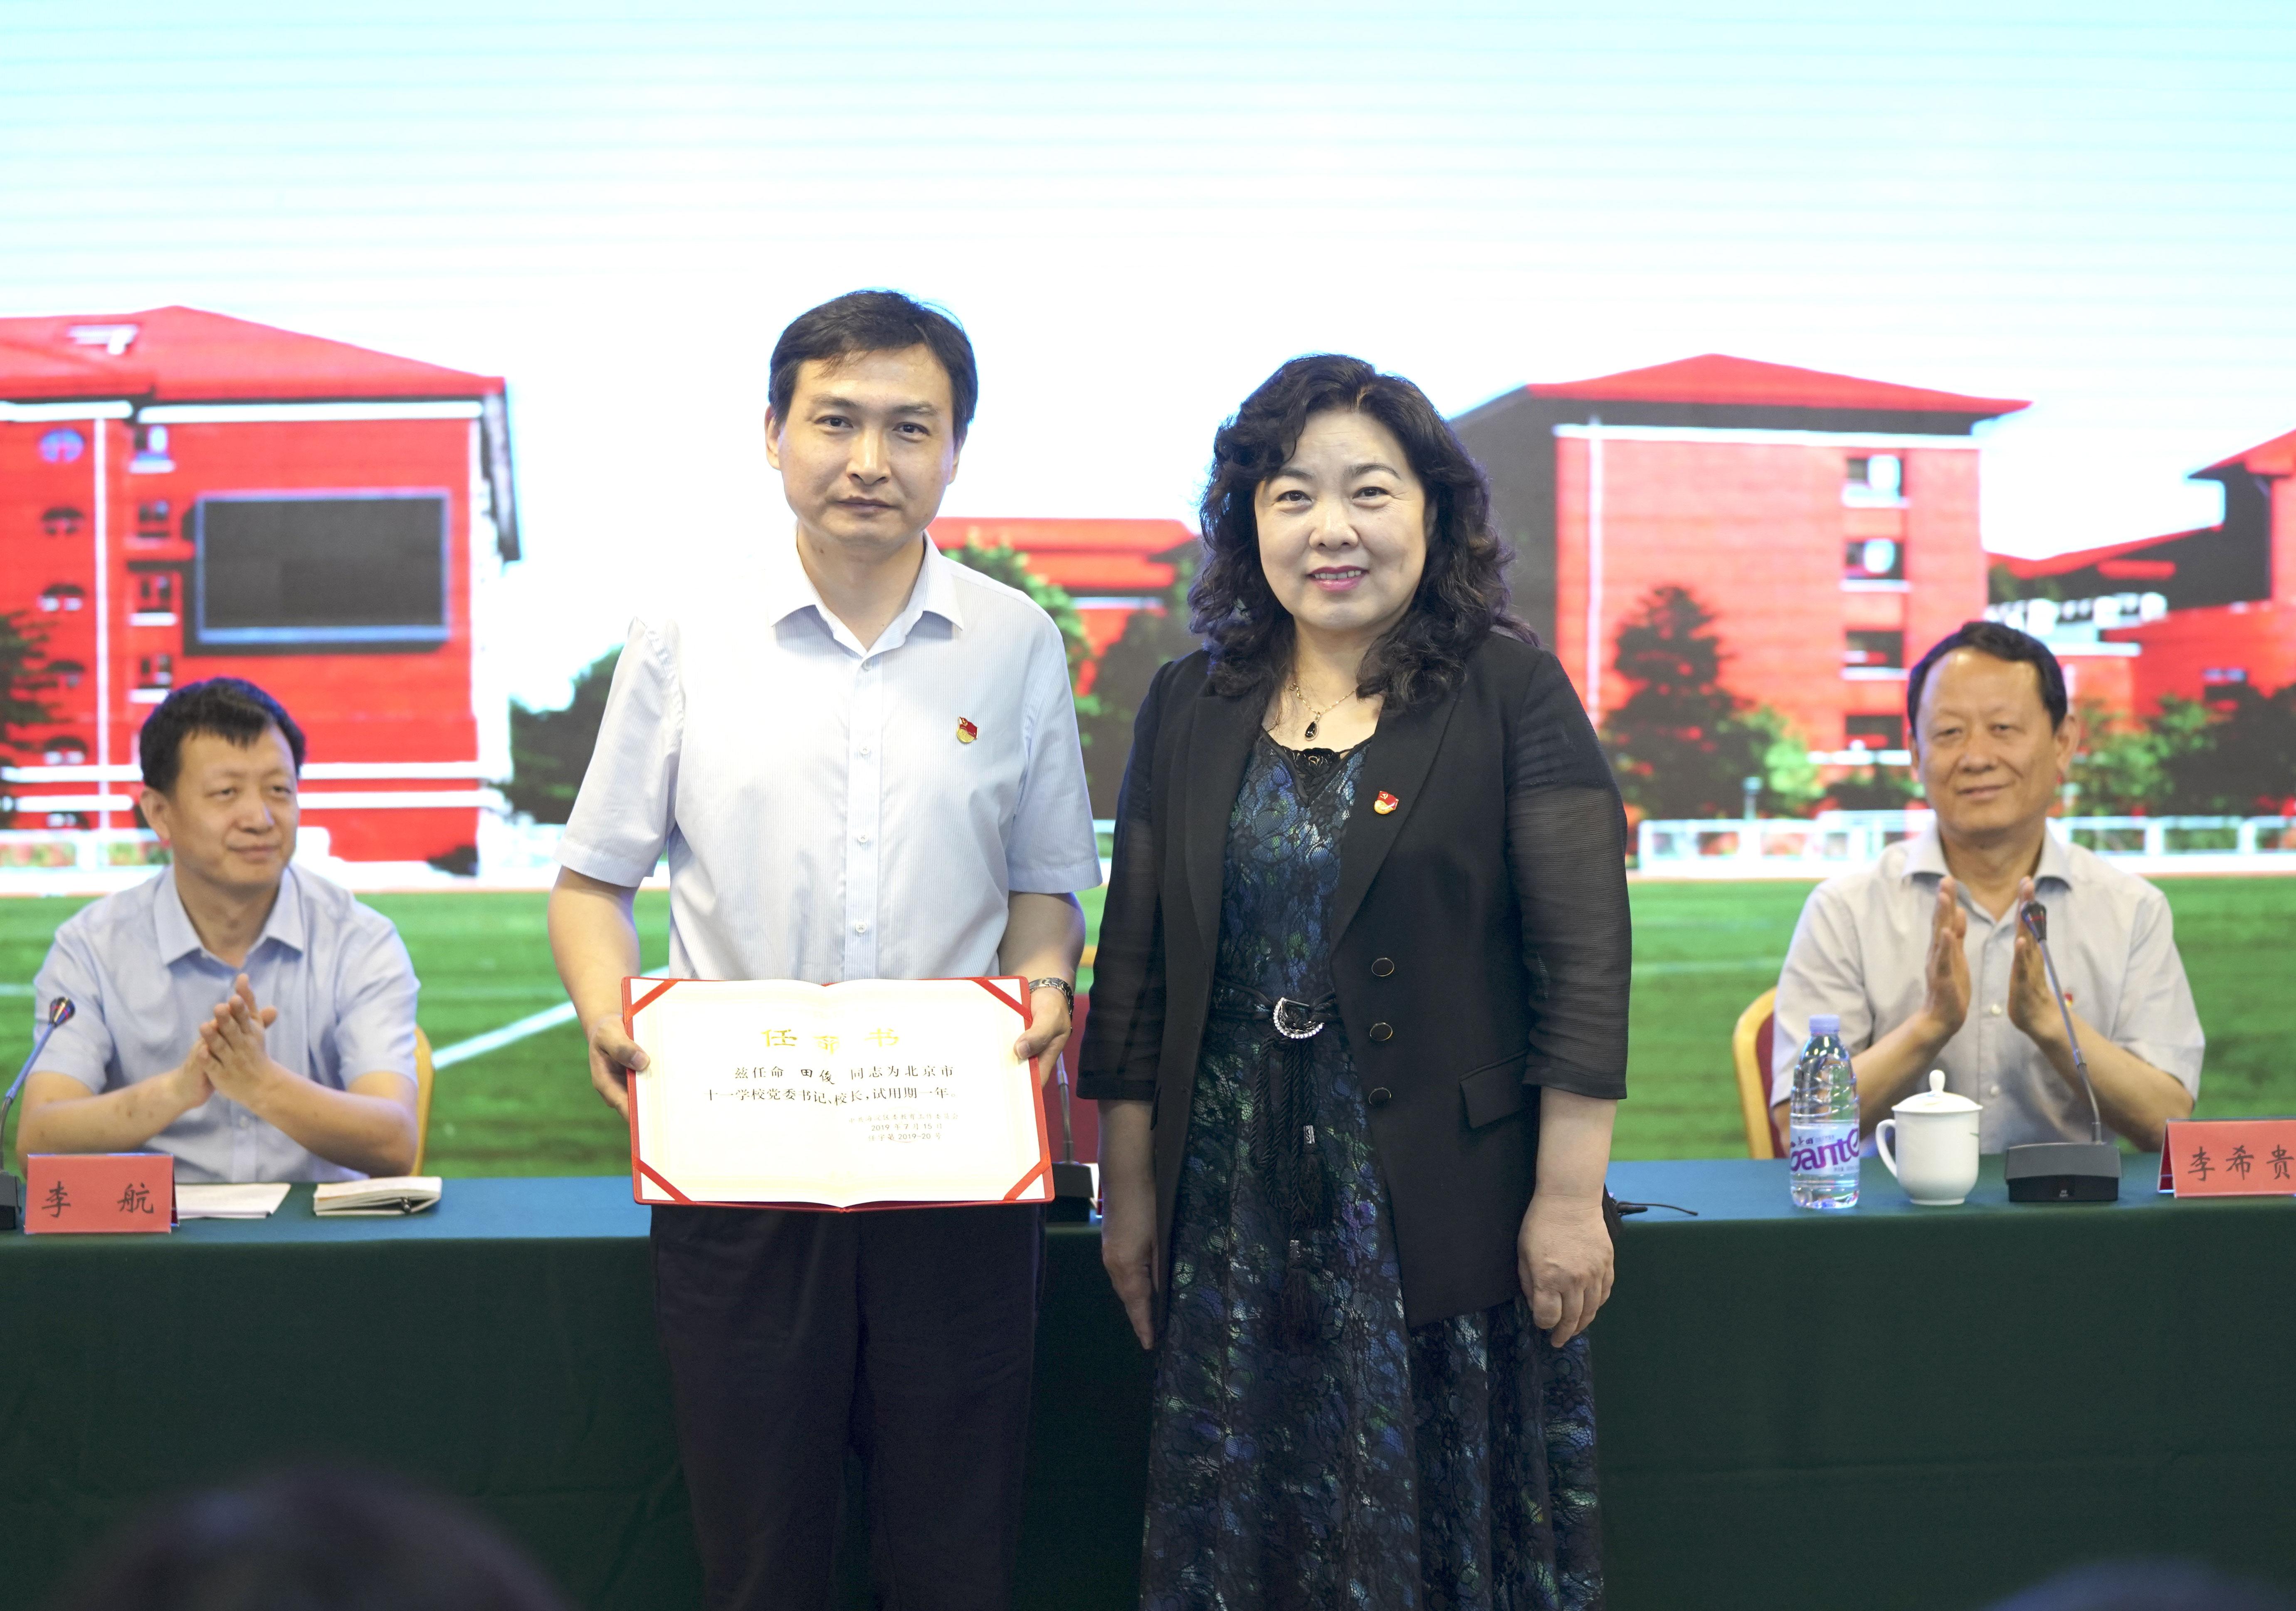 北京十一学校调整管理团队 做大优质教育蛋糕